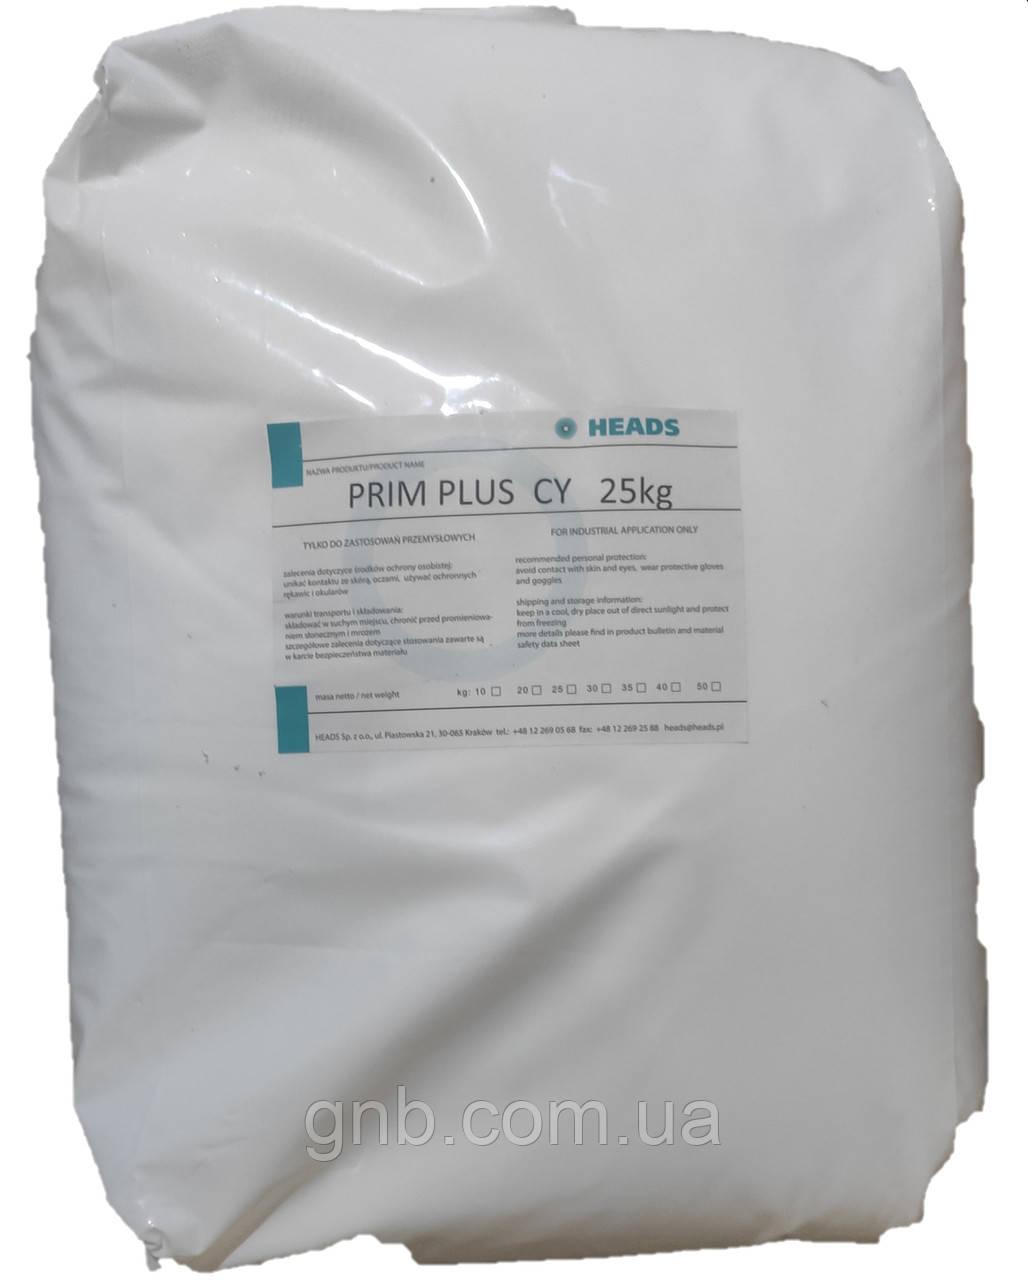 Поллімер PRIM PLUS CY ™ в мішках по 25 кг